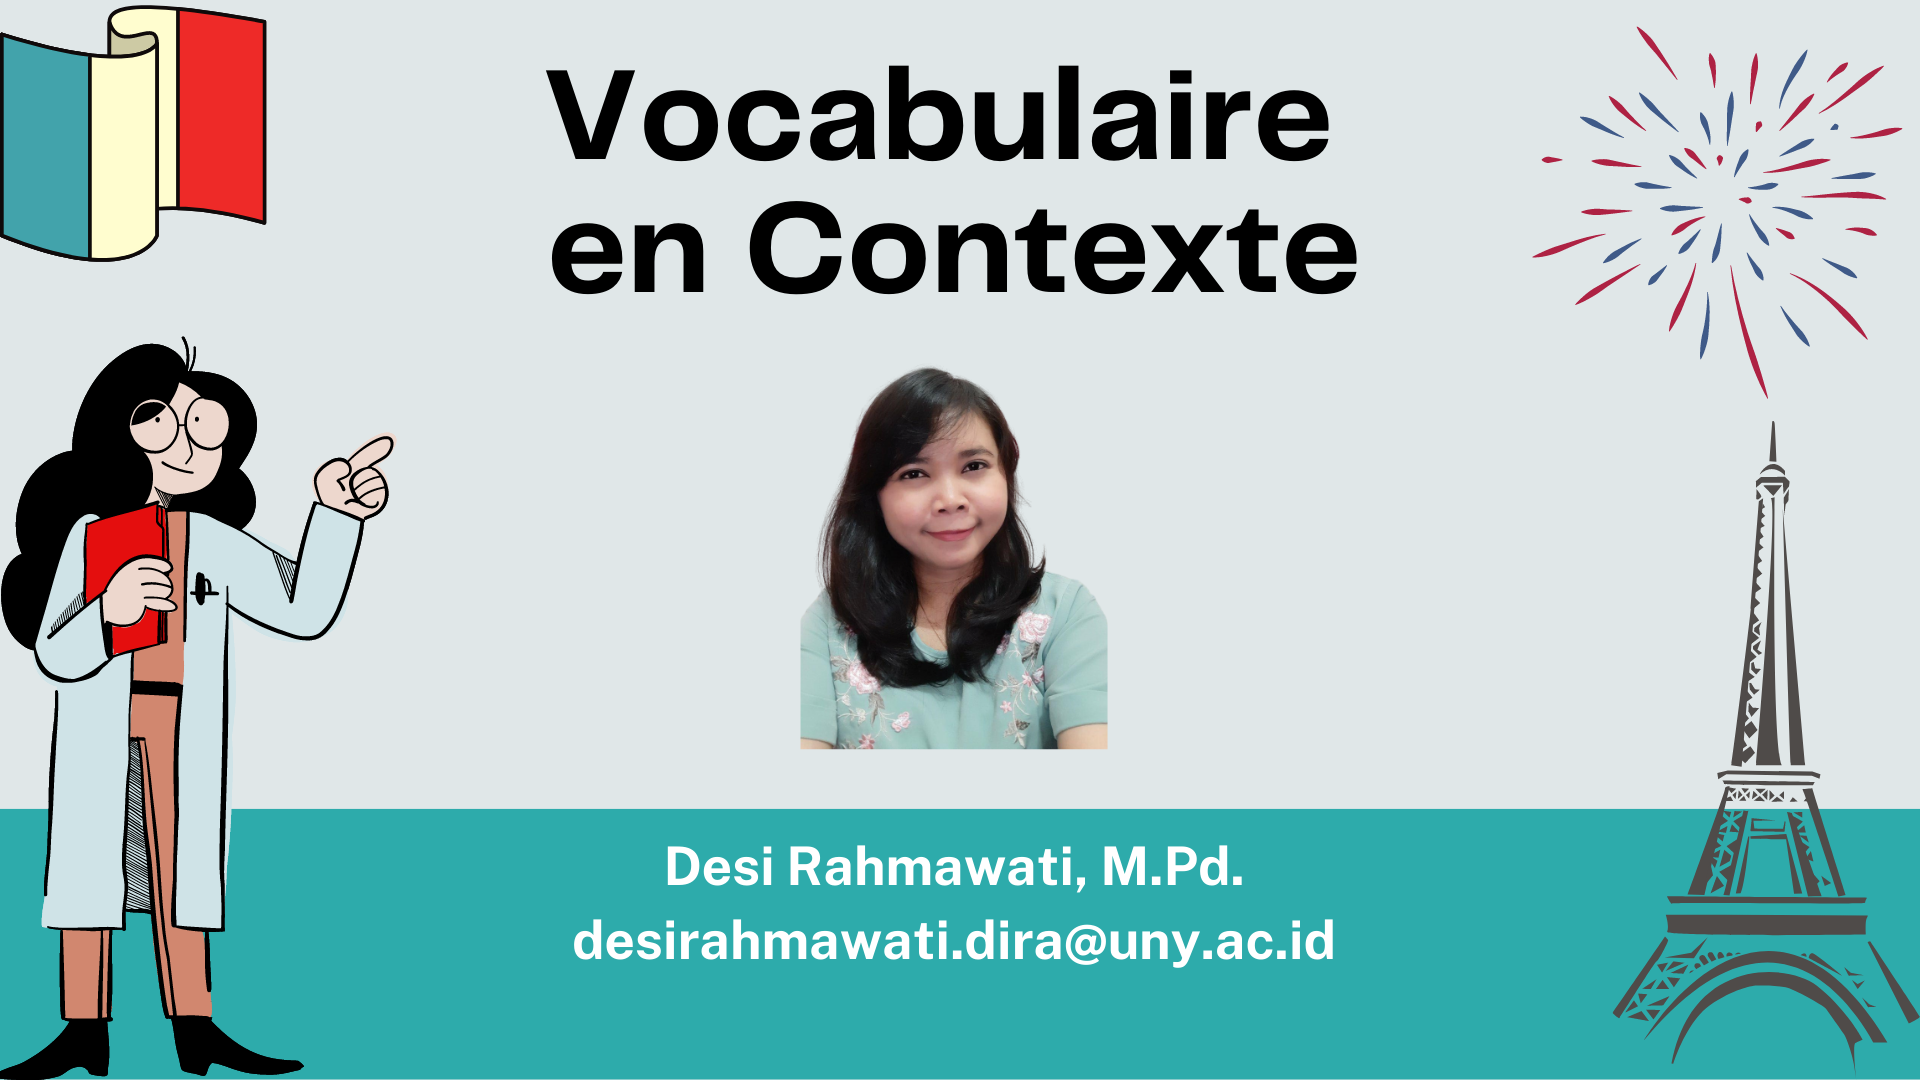 Vocabulaire en Contexte (DR)